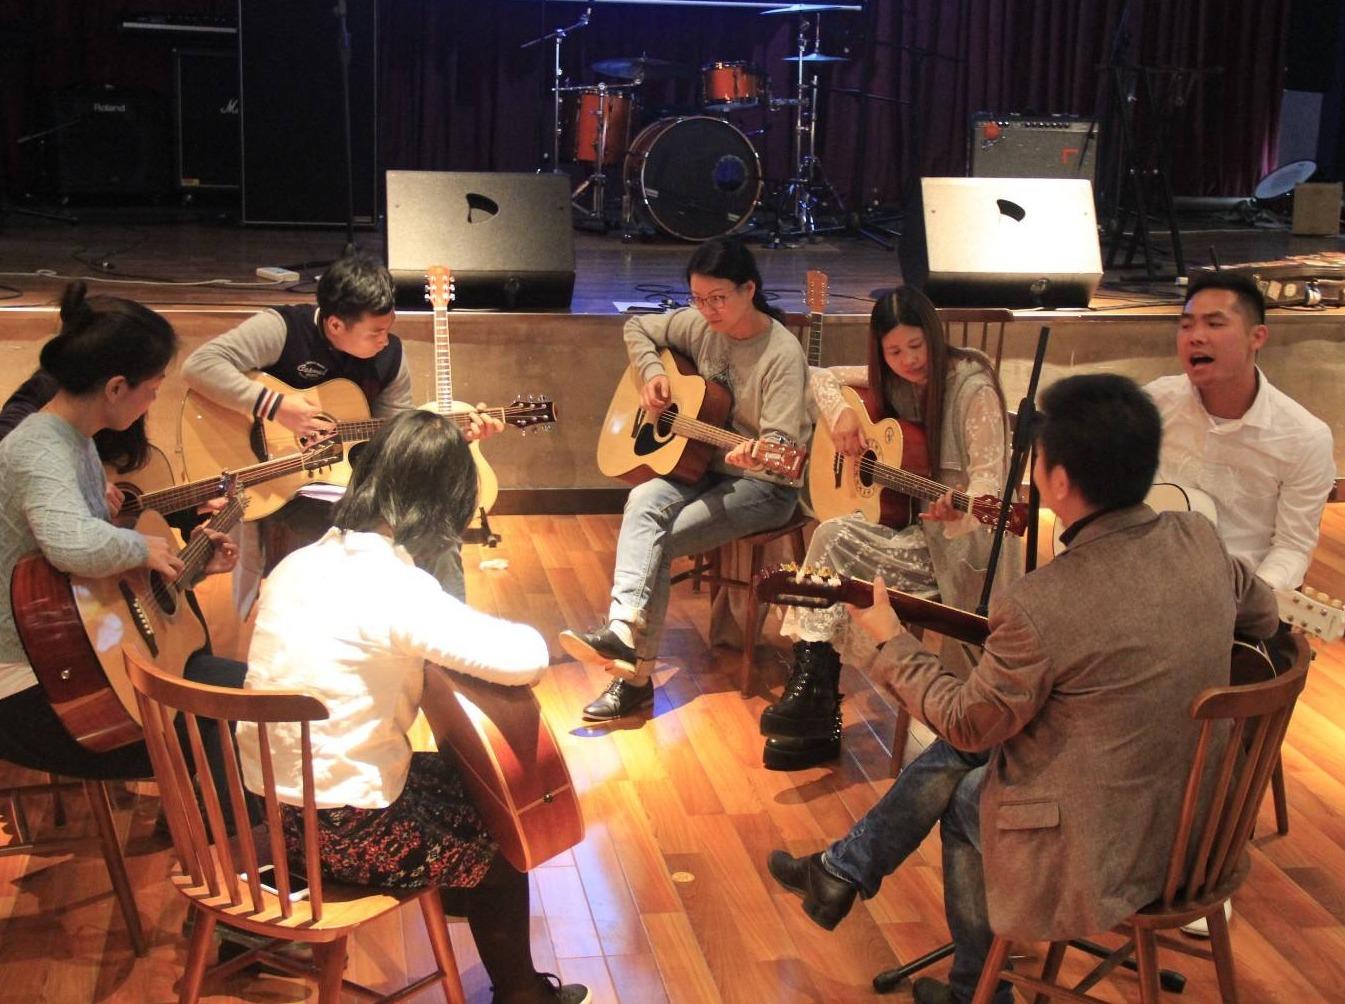 吉他公开课,让我们一起来体验乐器的魅力